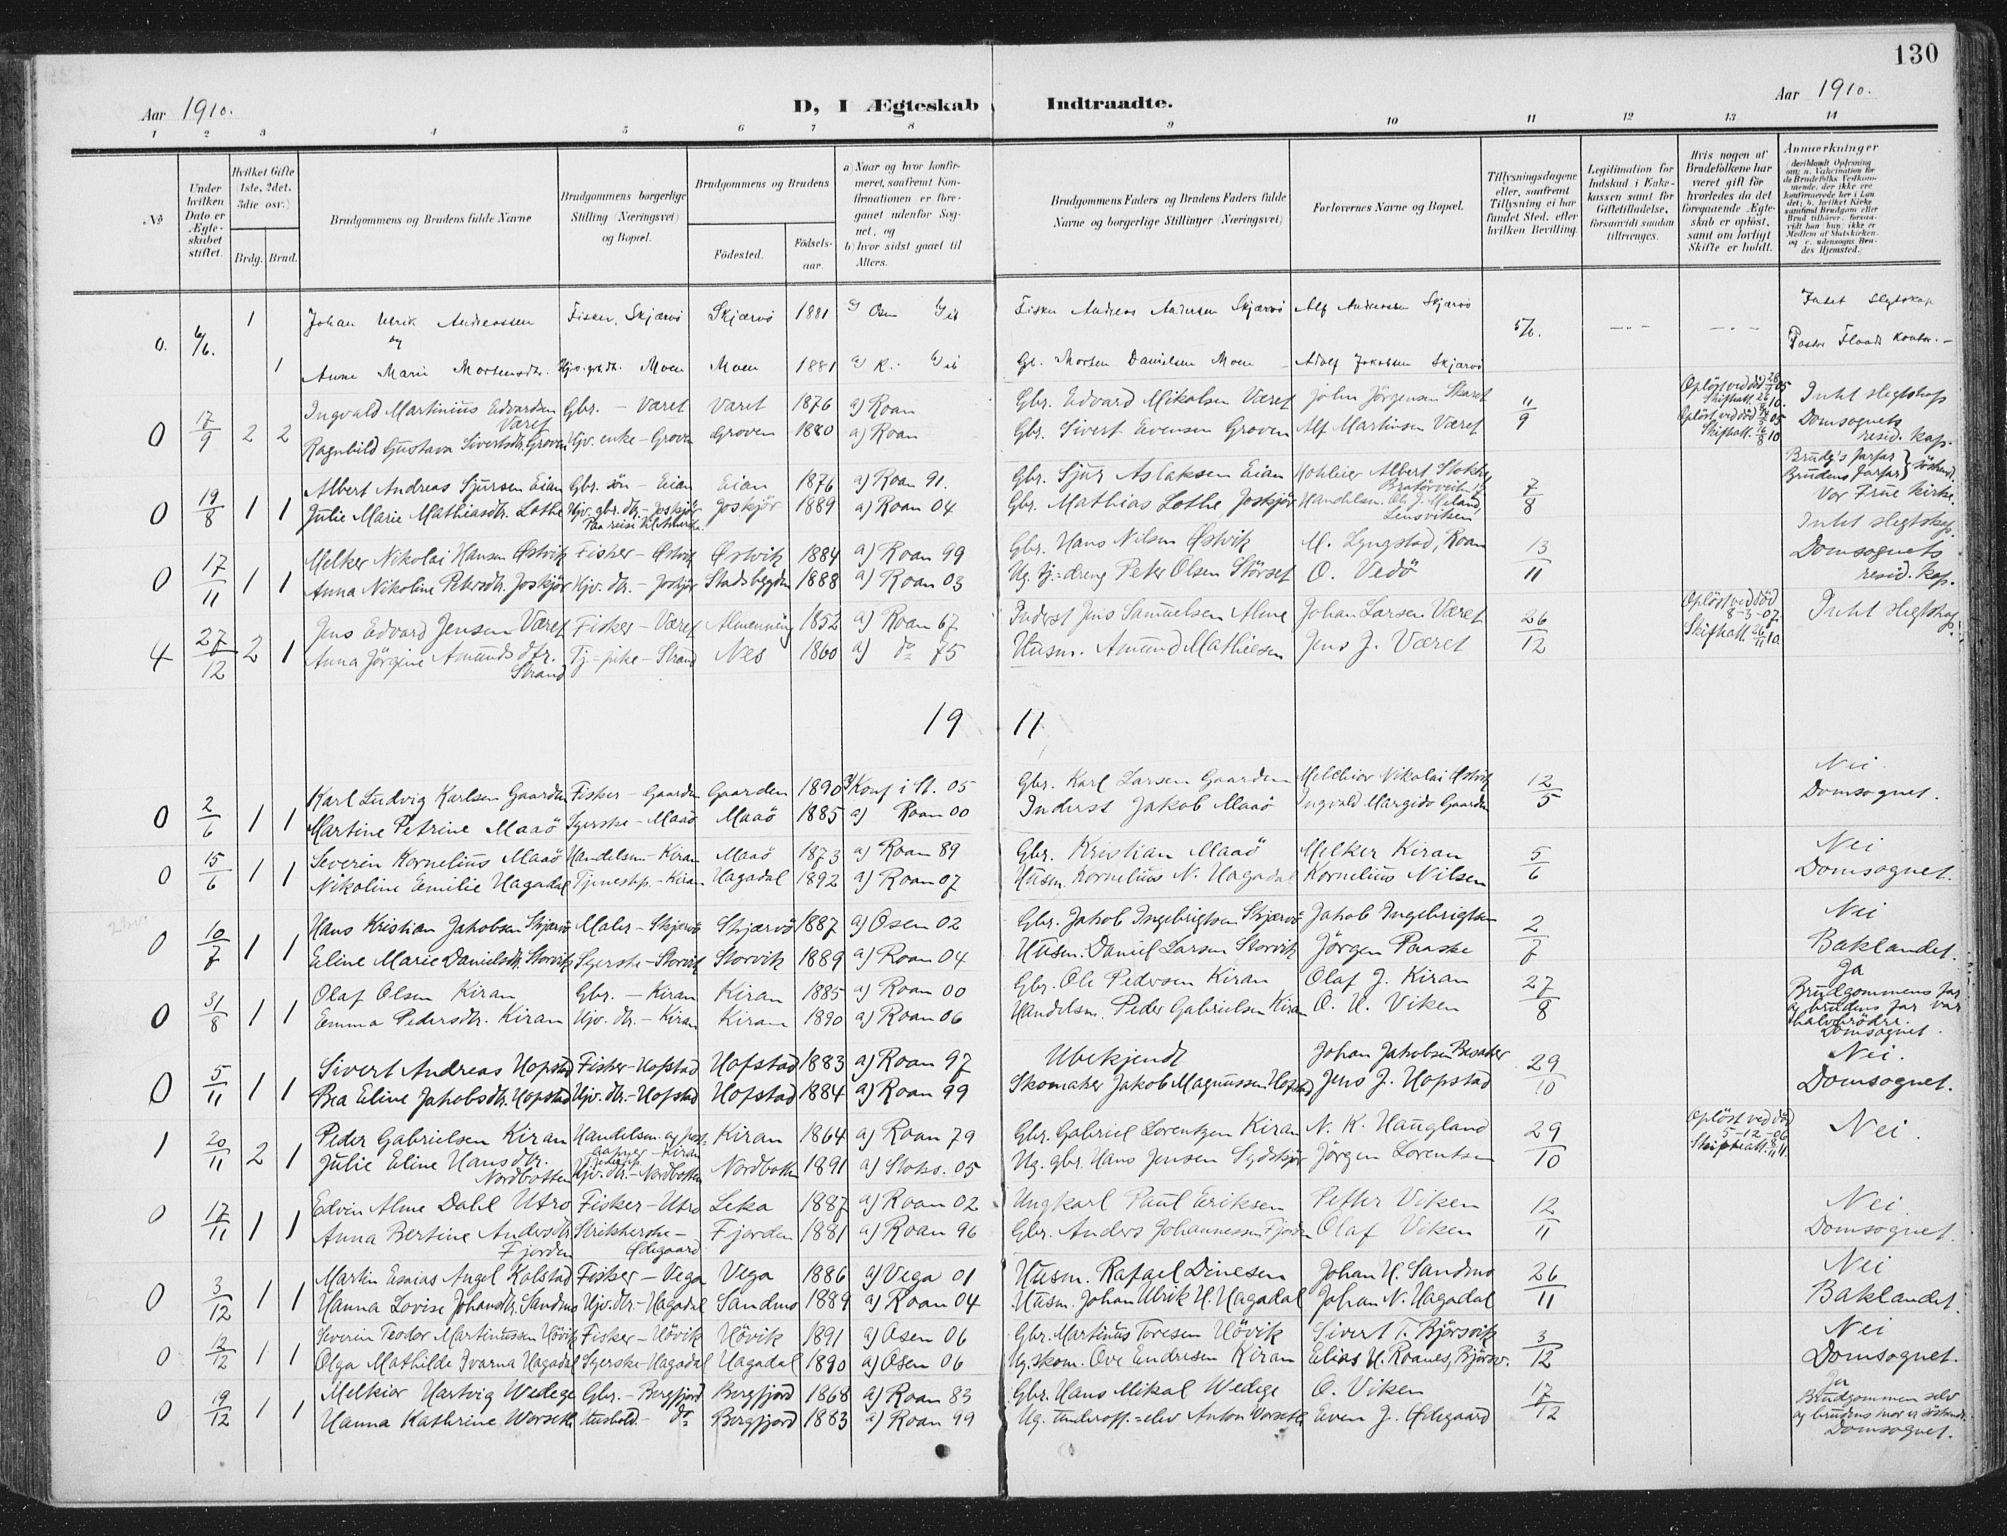 SAT, Ministerialprotokoller, klokkerbøker og fødselsregistre - Sør-Trøndelag, 657/L0709: Ministerialbok nr. 657A10, 1905-1919, s. 130